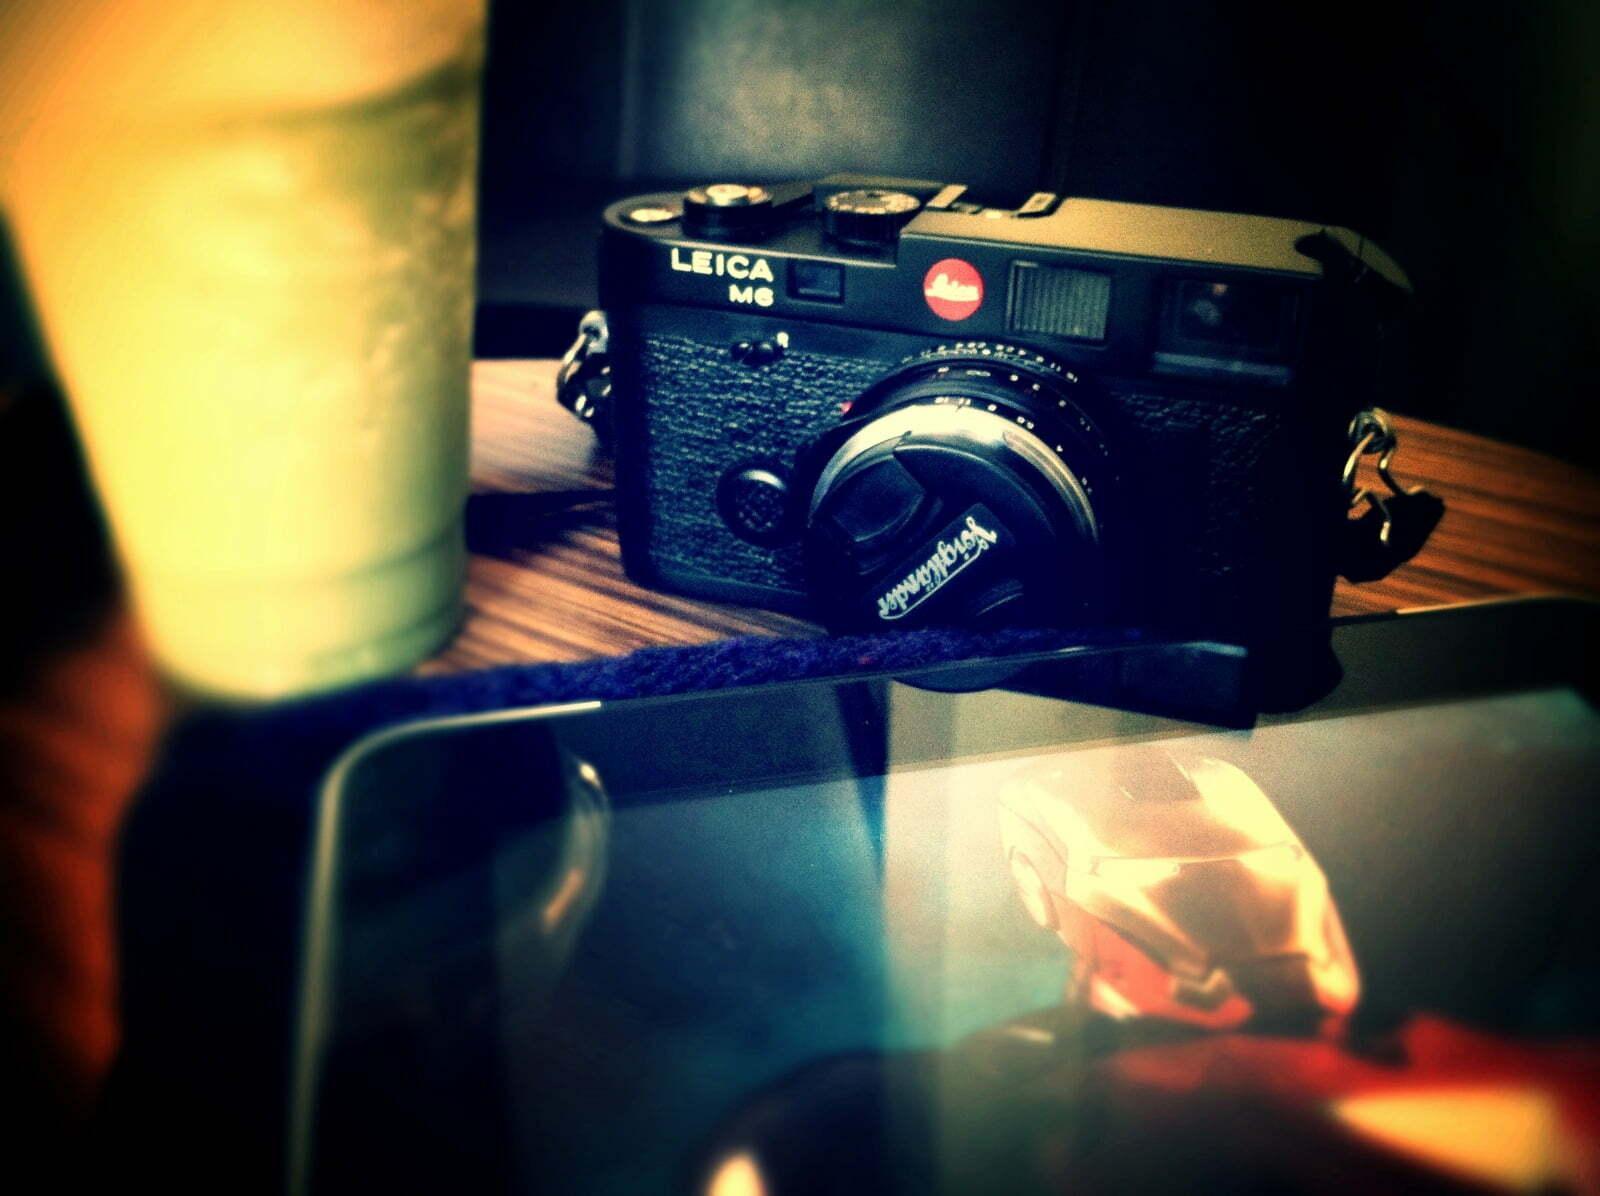 My Leica M6